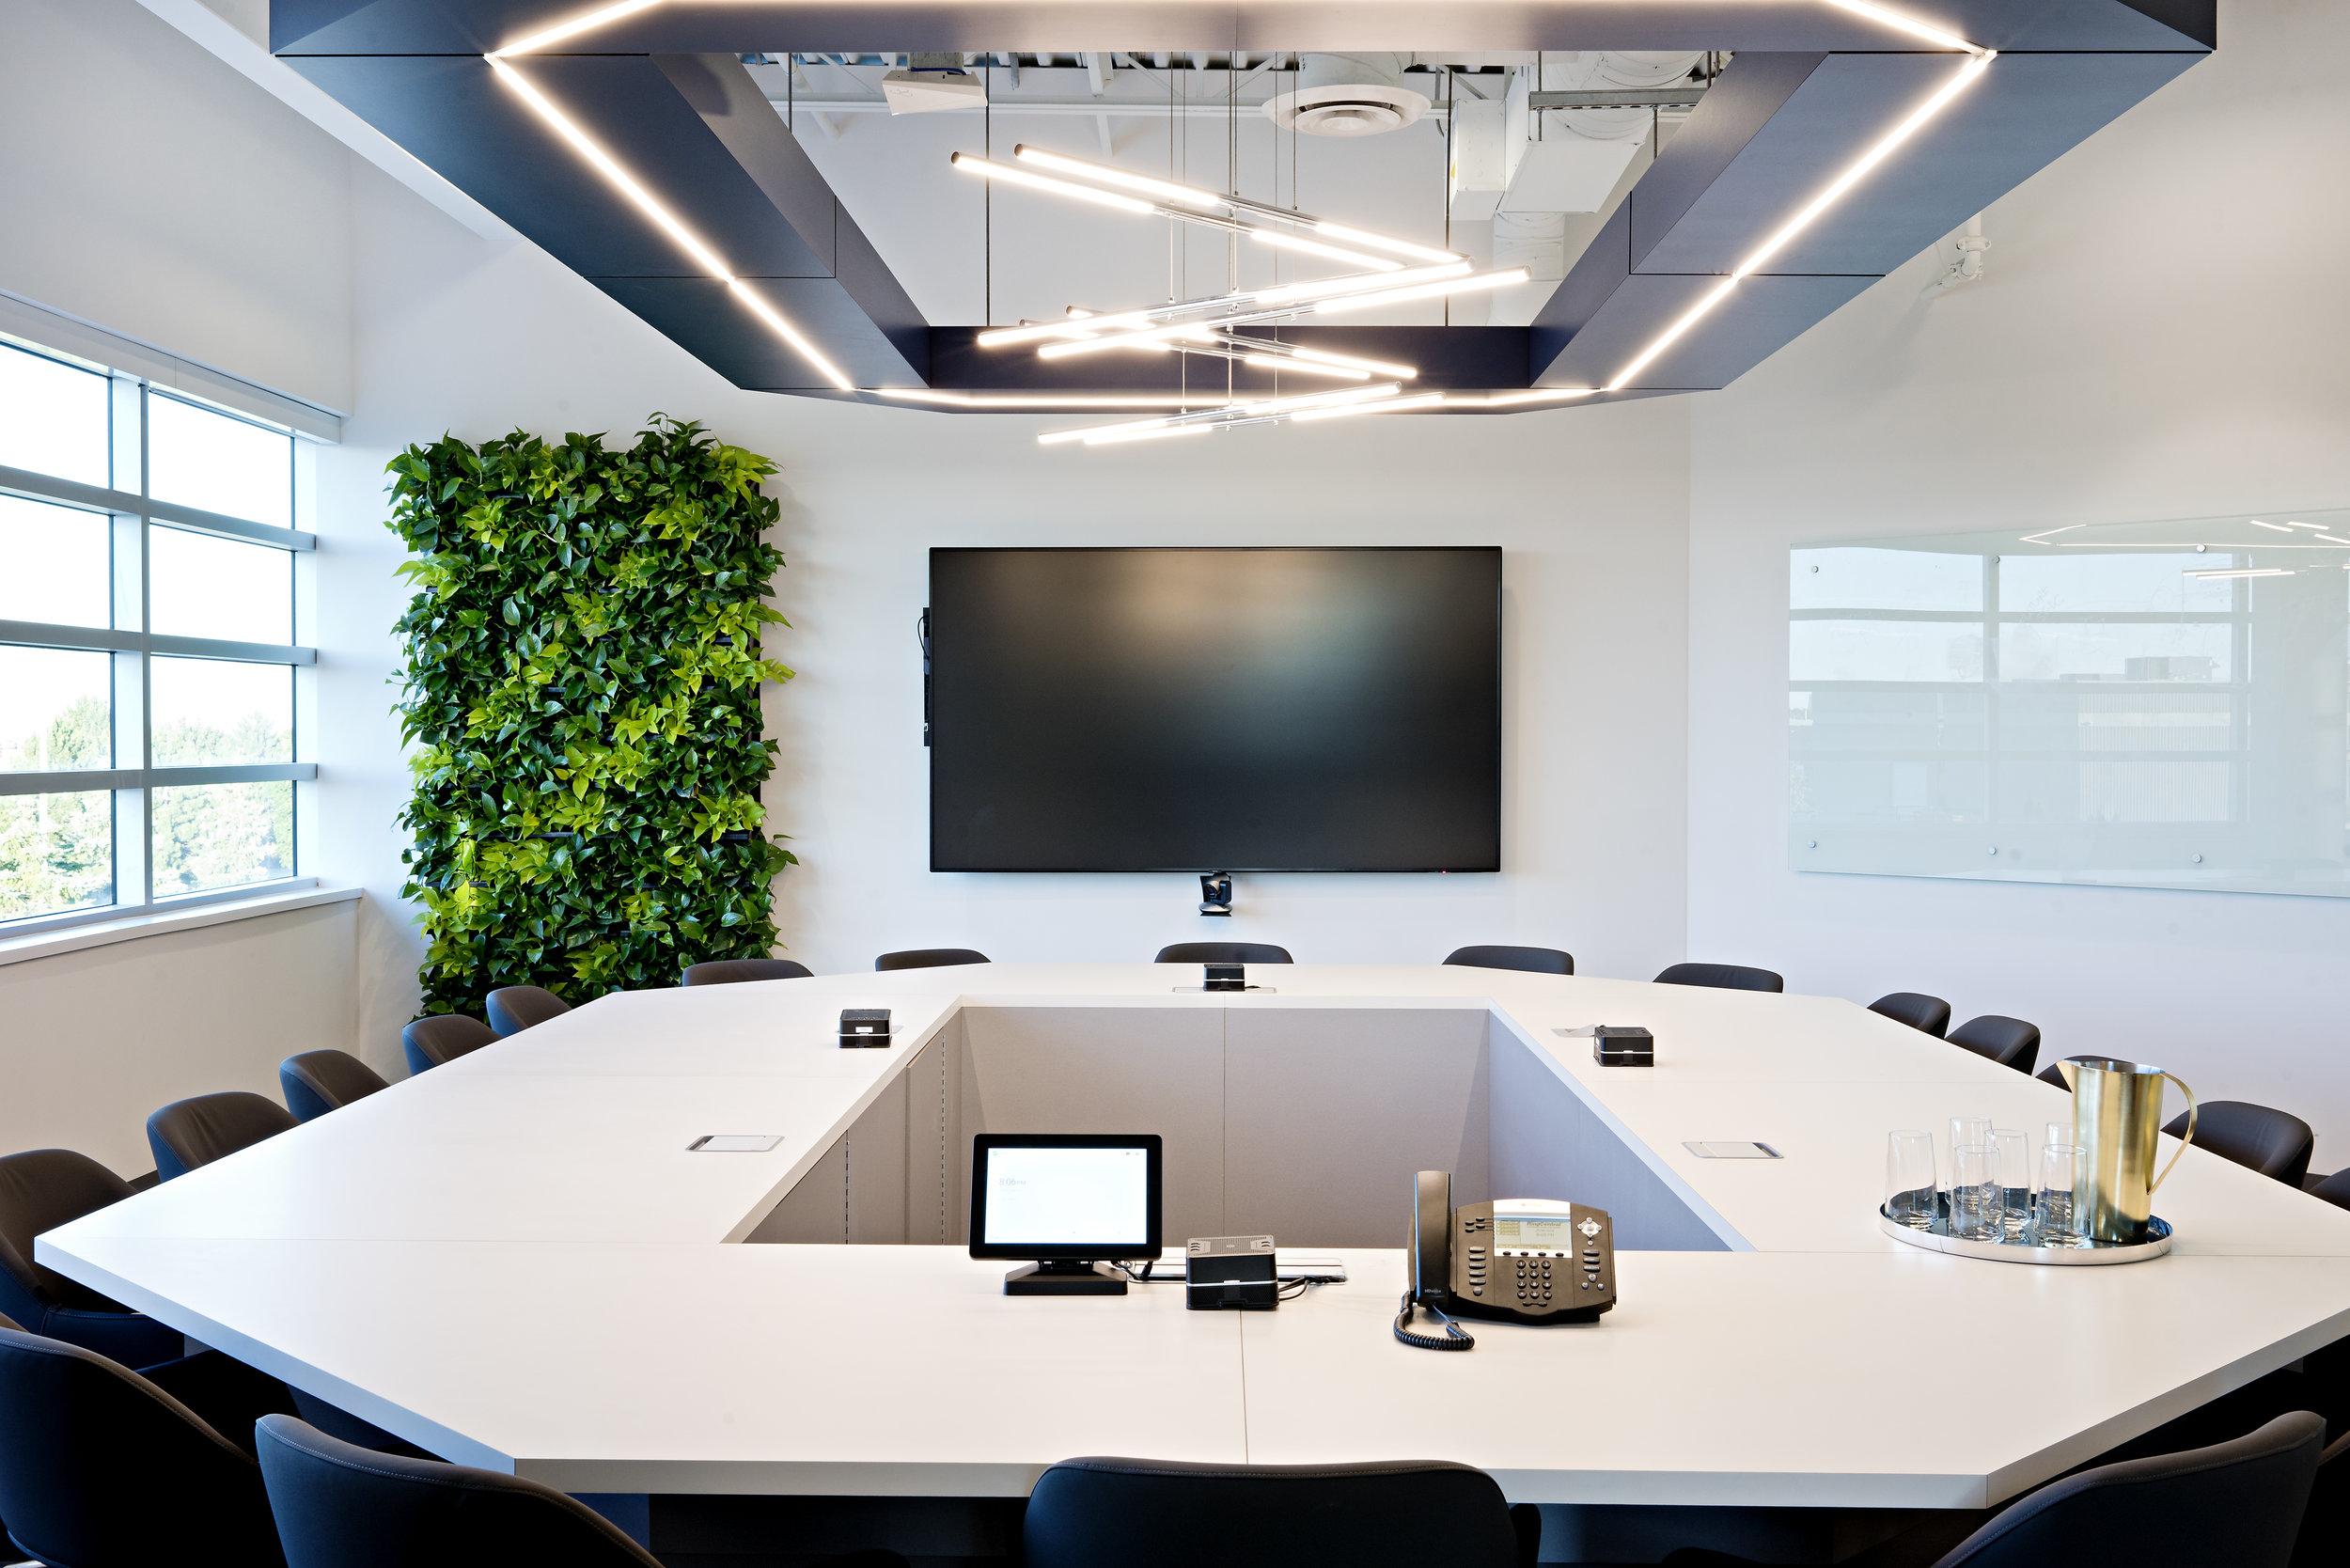 Modern Contemporary Interior Design pizzale design | commercial interior design and decorating